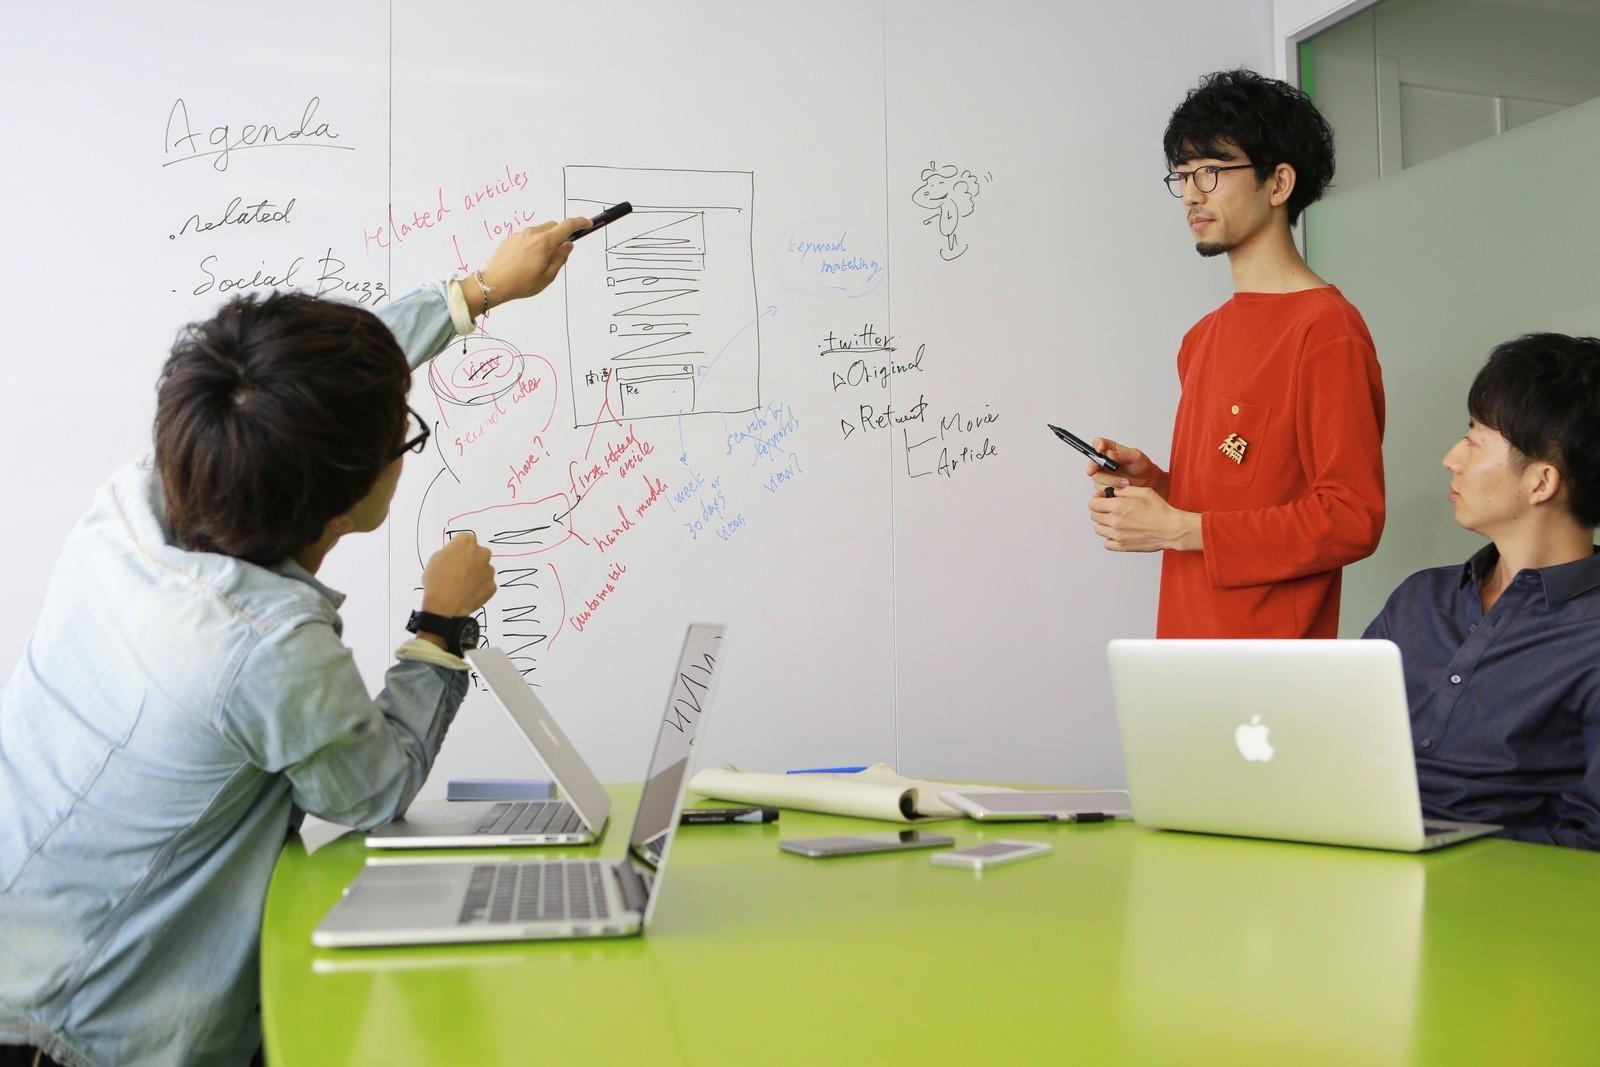 福祉・教育課題を技術で解決するインフラエンジニアを募集!【マネージャー候補】